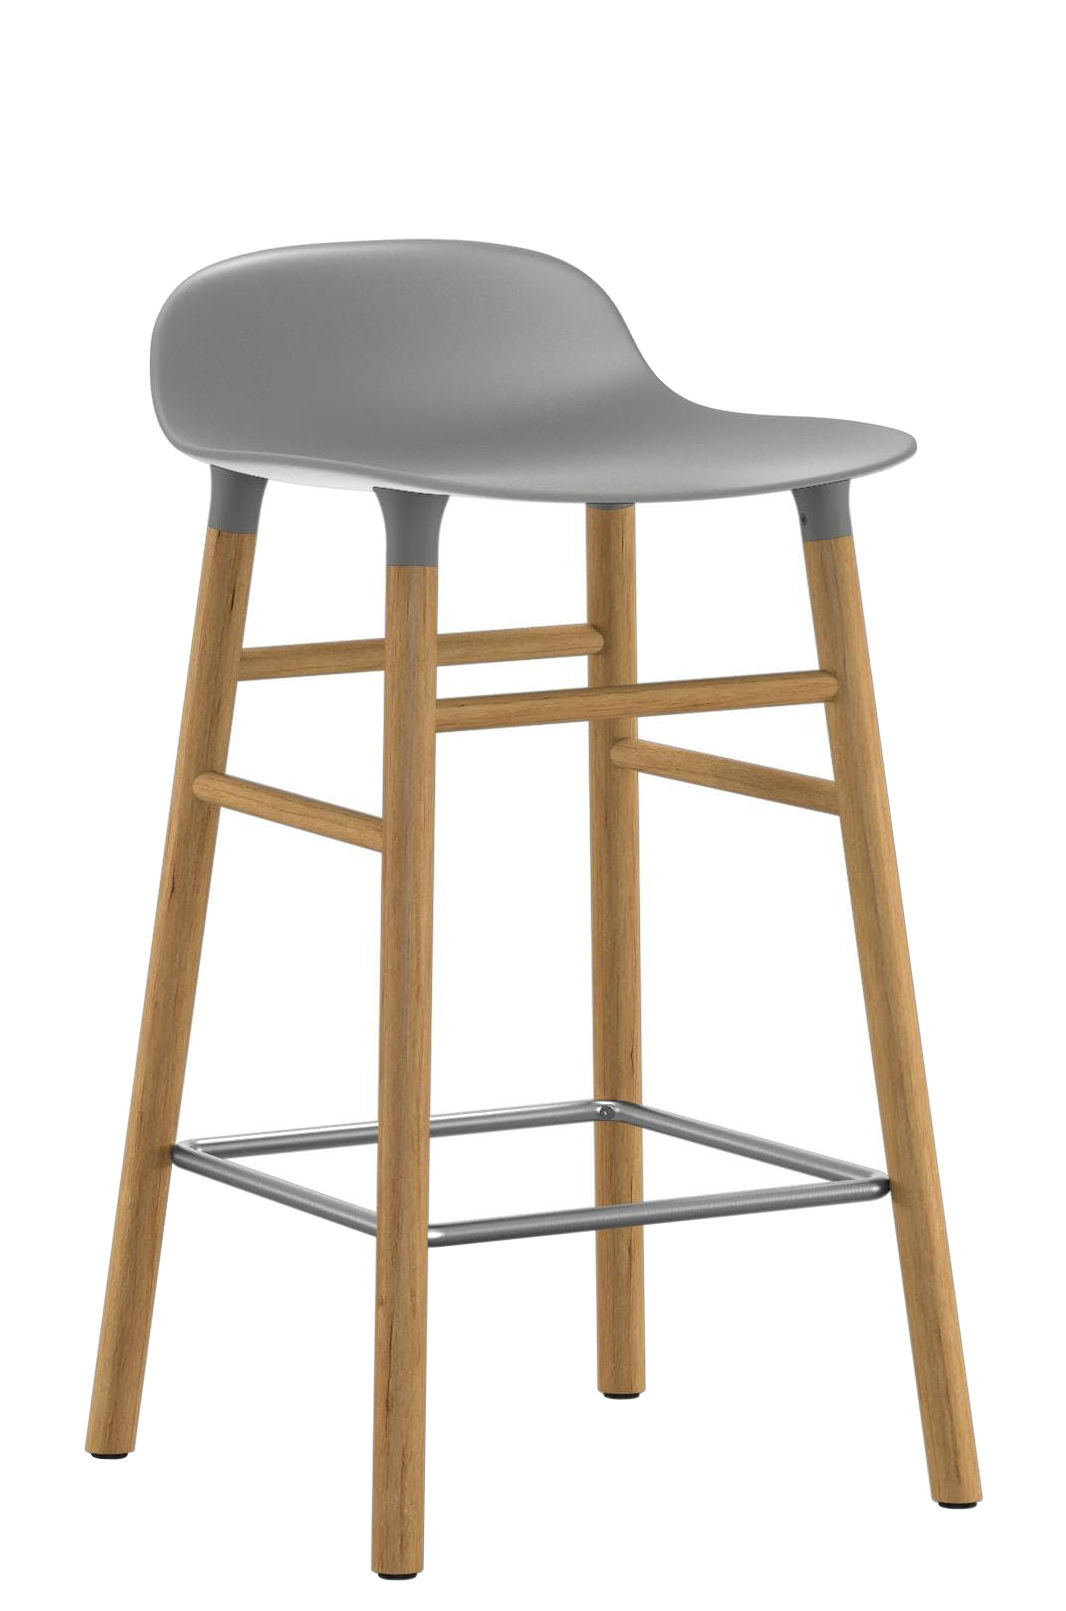 Möbel - Barhocker - Form Barhocker / H 65 cm - Stuhlbeine Eiche - Normann Copenhagen - Grau / Eiche - Eiche, Polypropylen